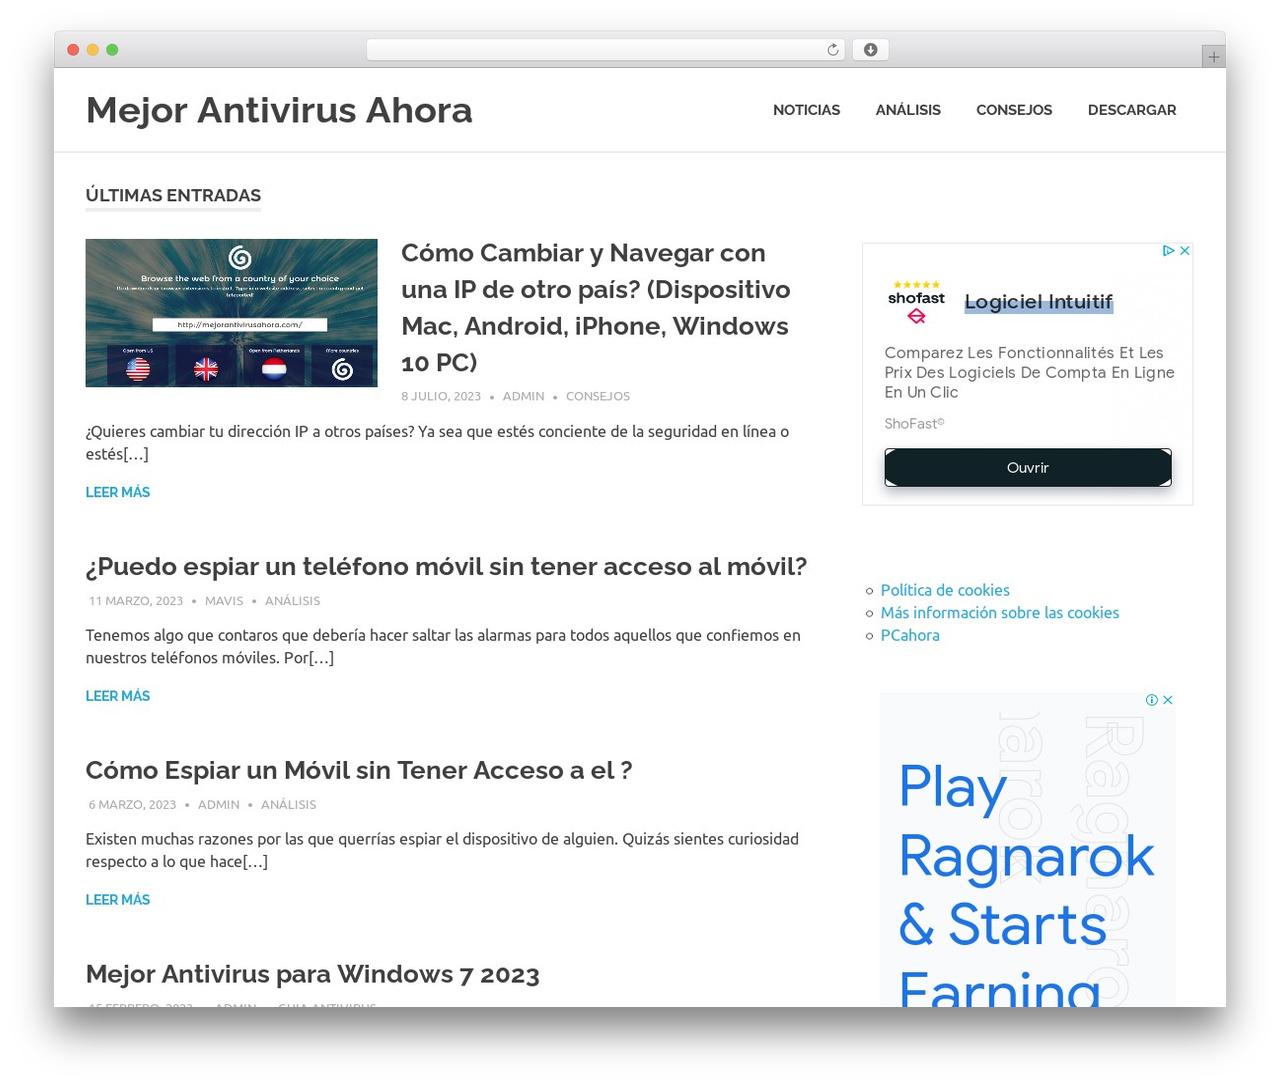 Poseidon free WordPress theme - mejorantivirusahora.com